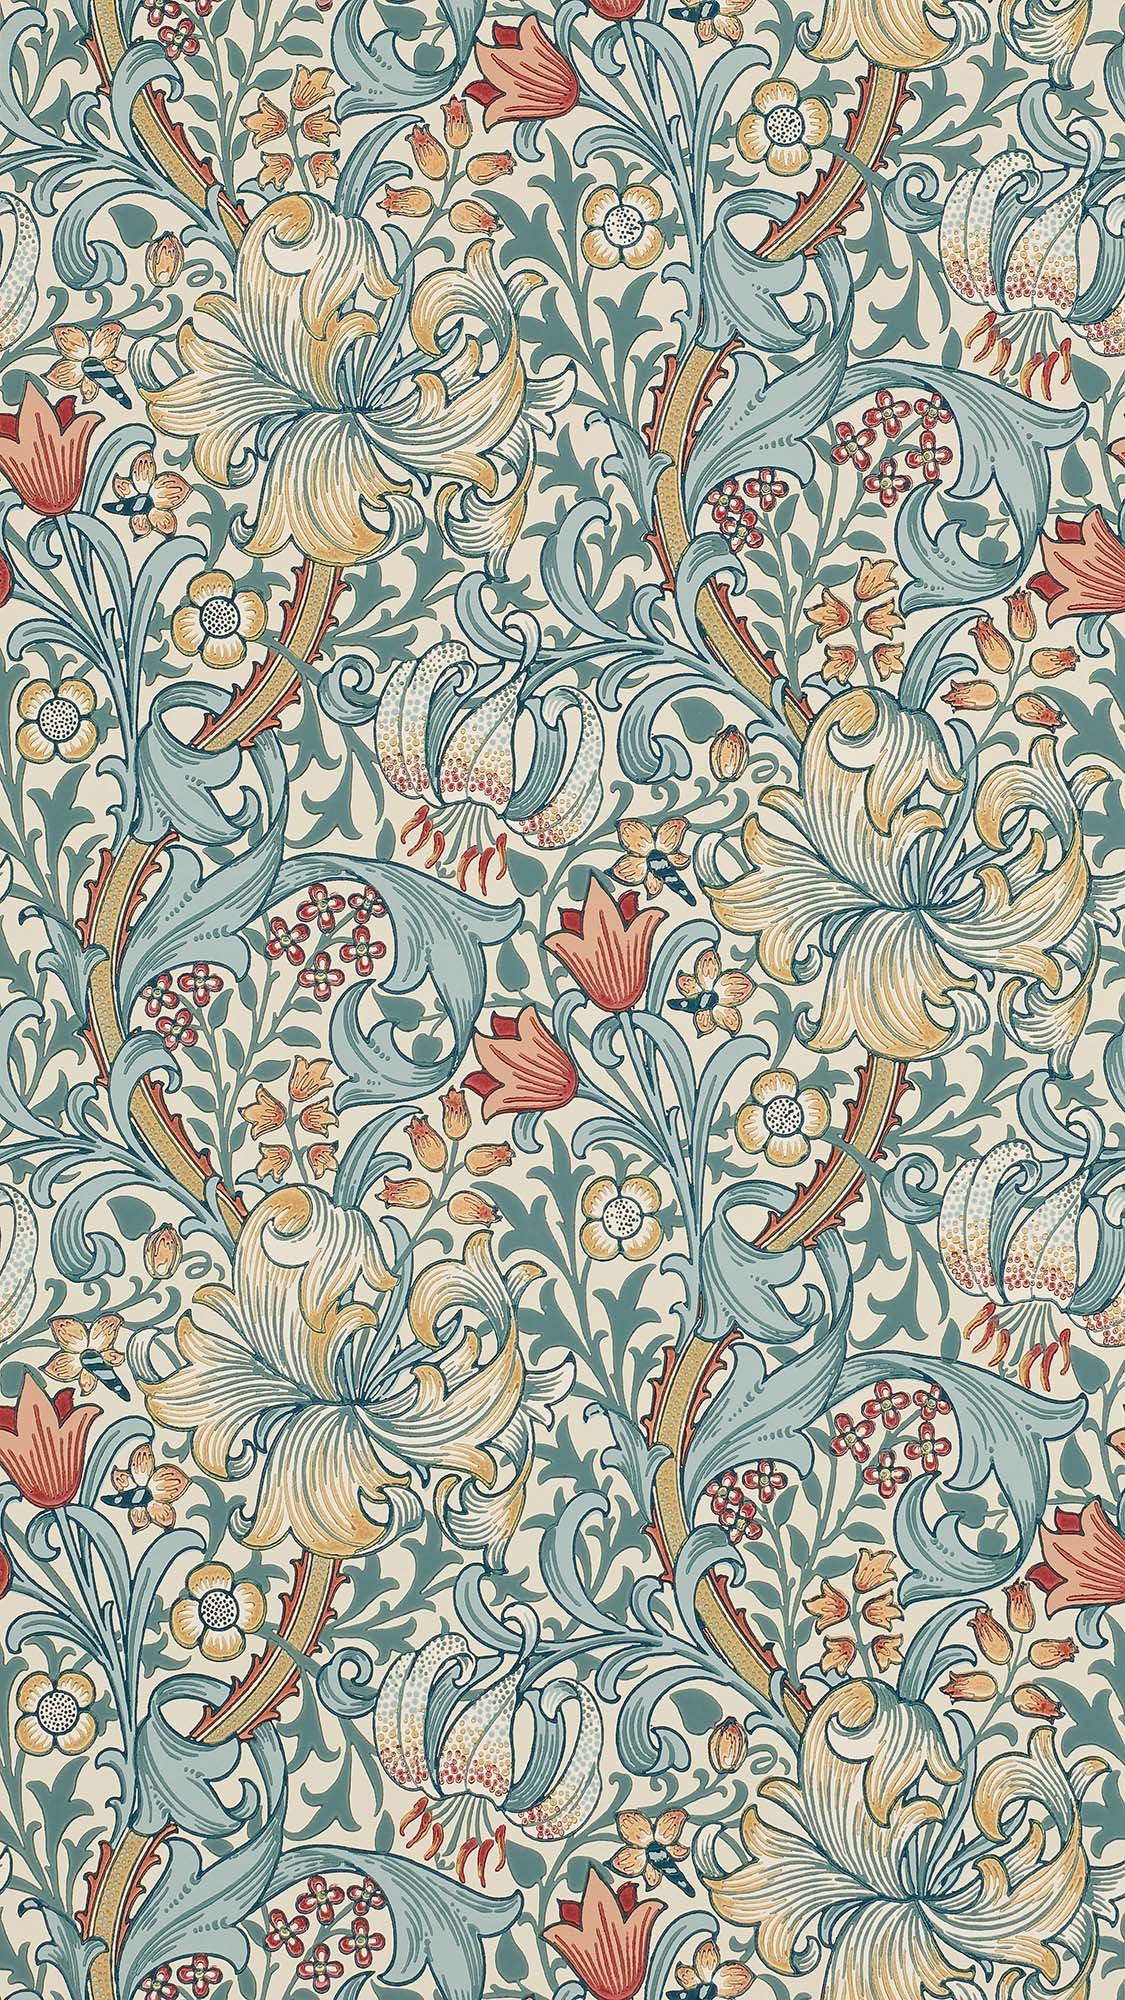 ウィリアムモリス壁紙 Garden Lily 210401